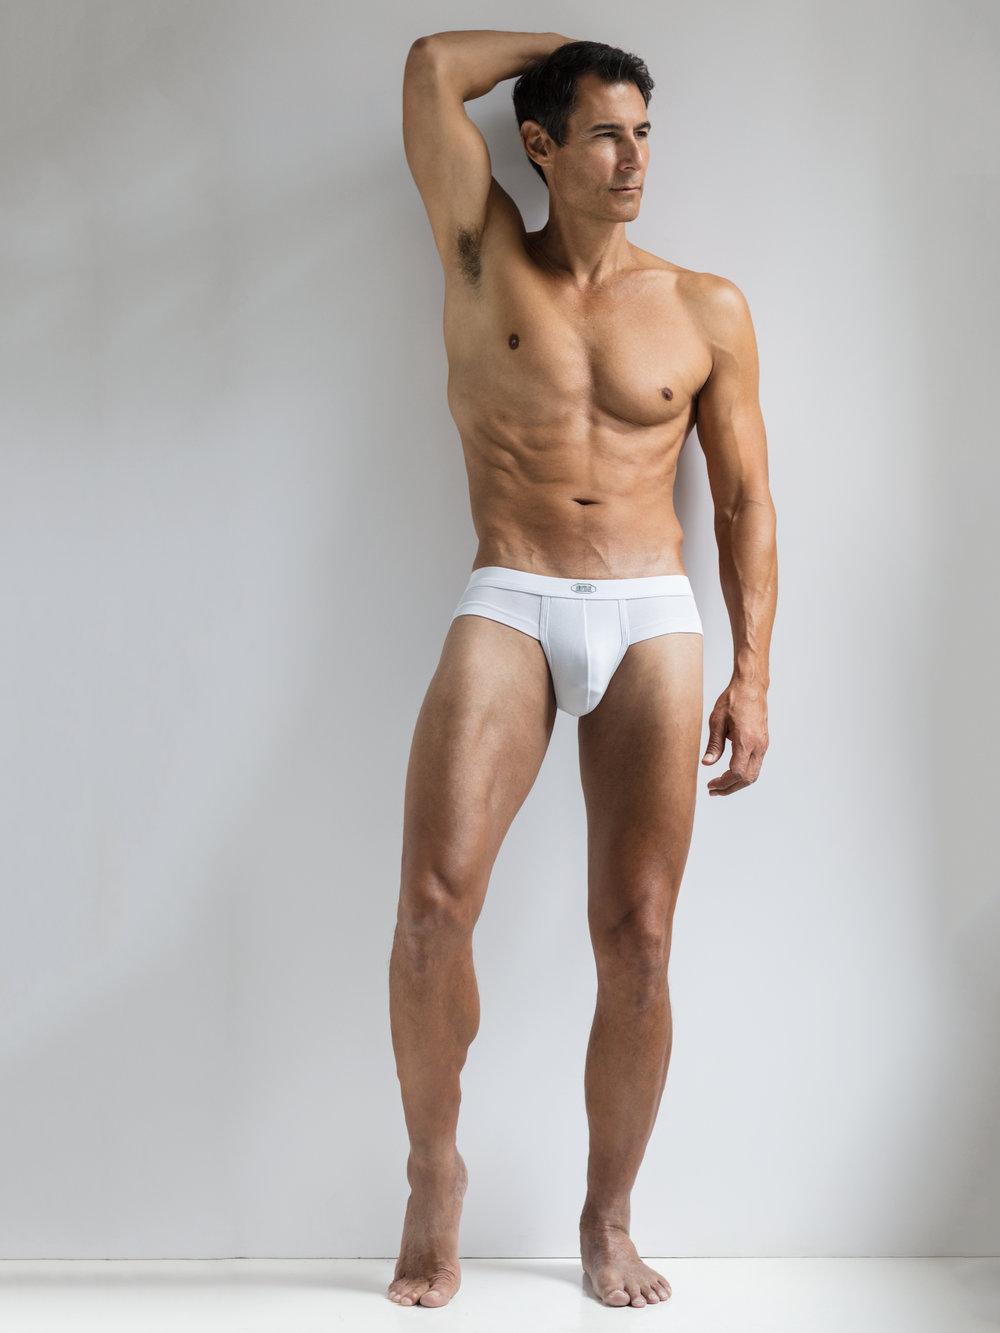 e4d9dca0944d-KMcD_white_underwear.jpg